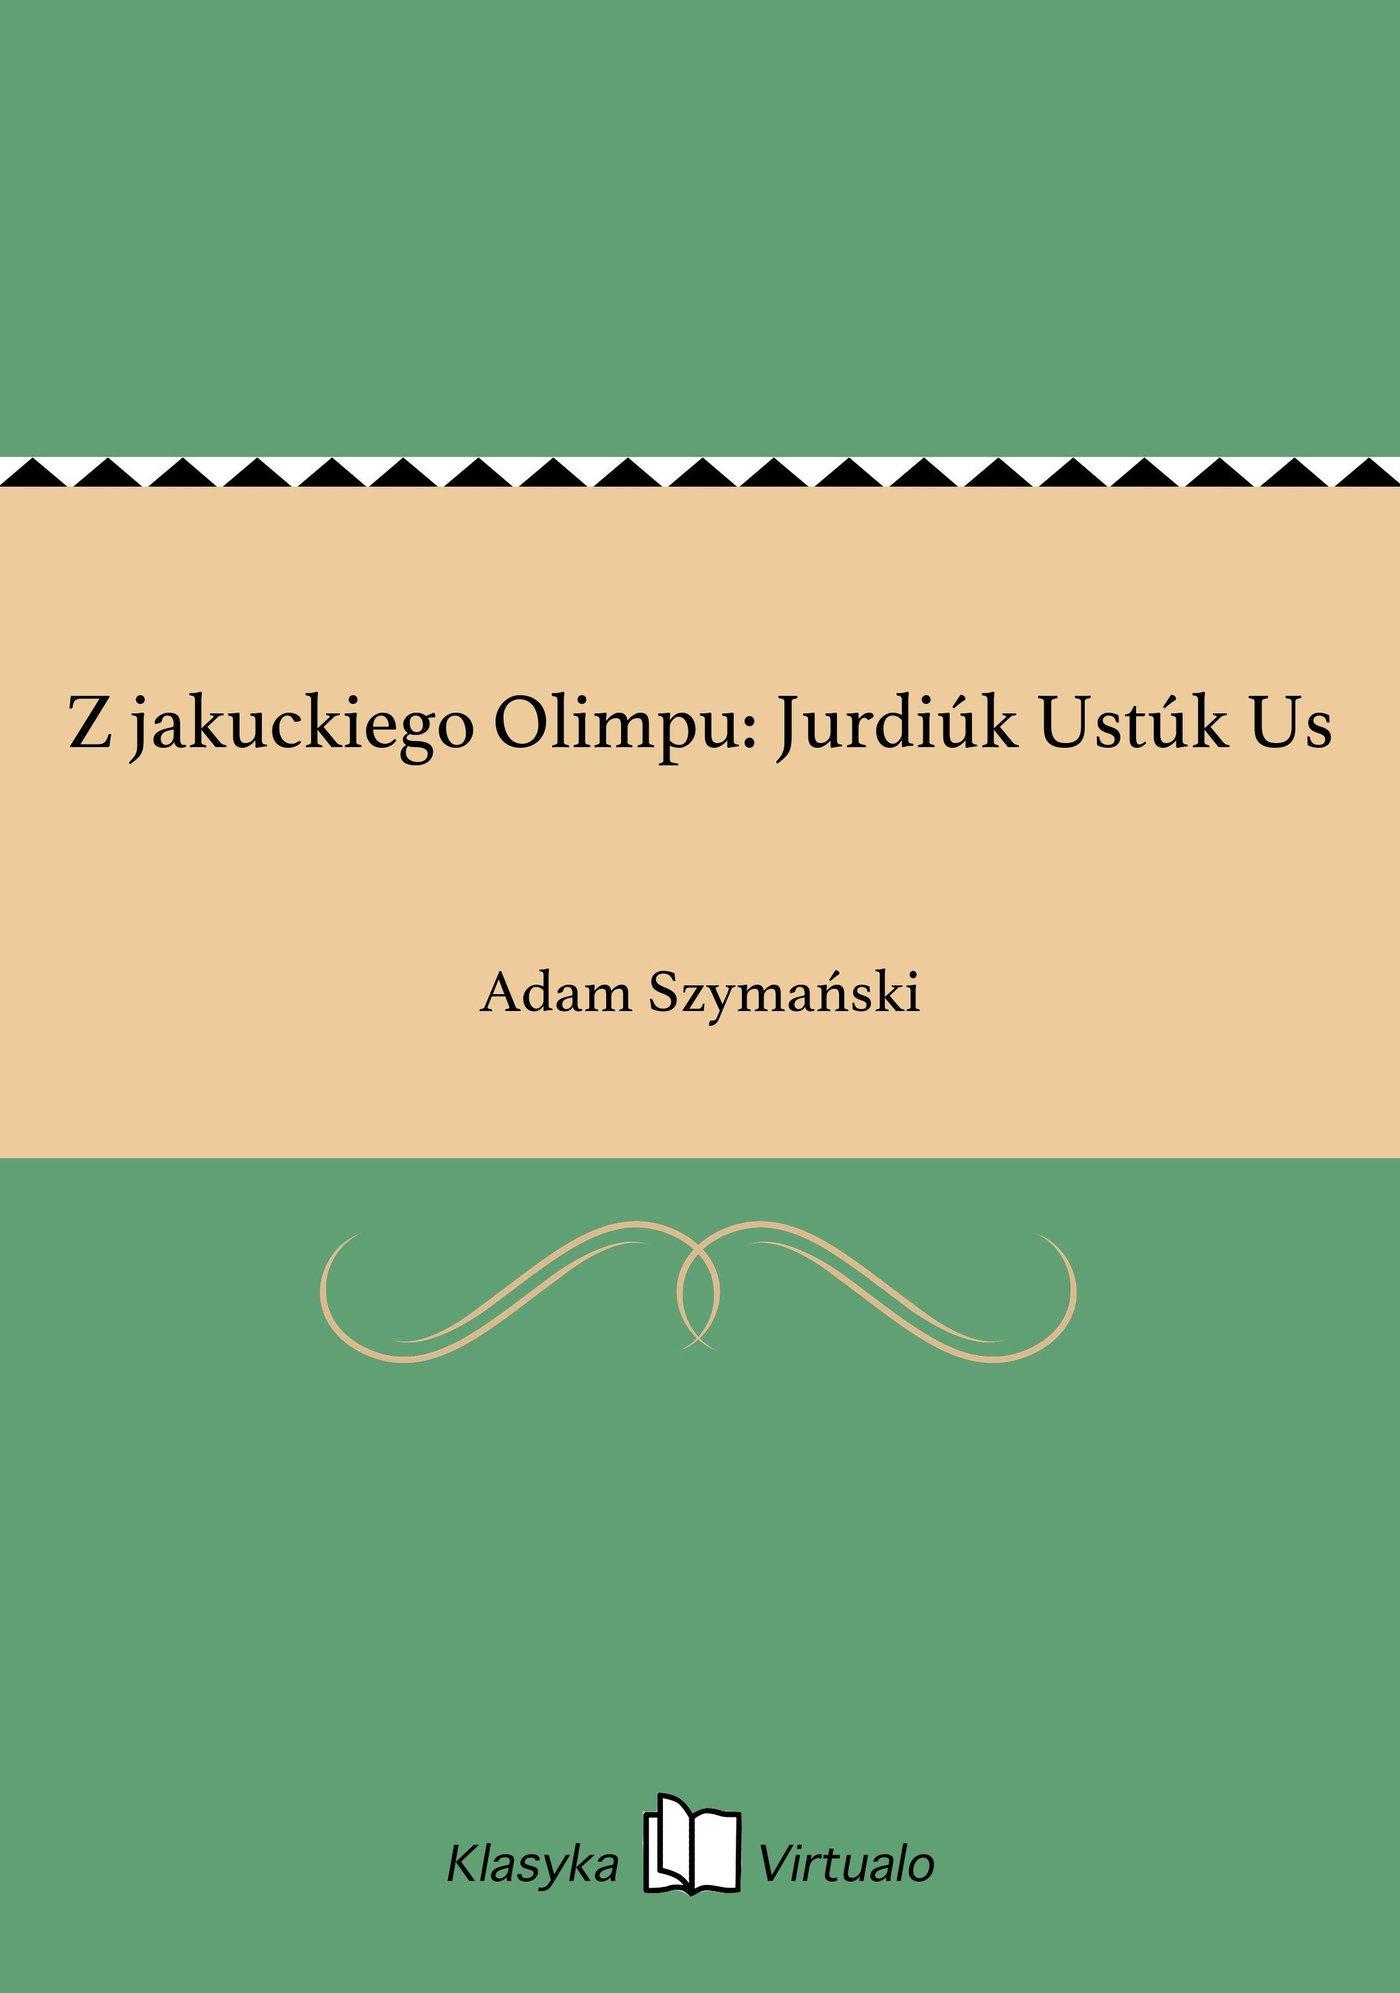 Z jakuckiego Olimpu: Jurdiúk Ustúk Us - Ebook (Książka EPUB) do pobrania w formacie EPUB